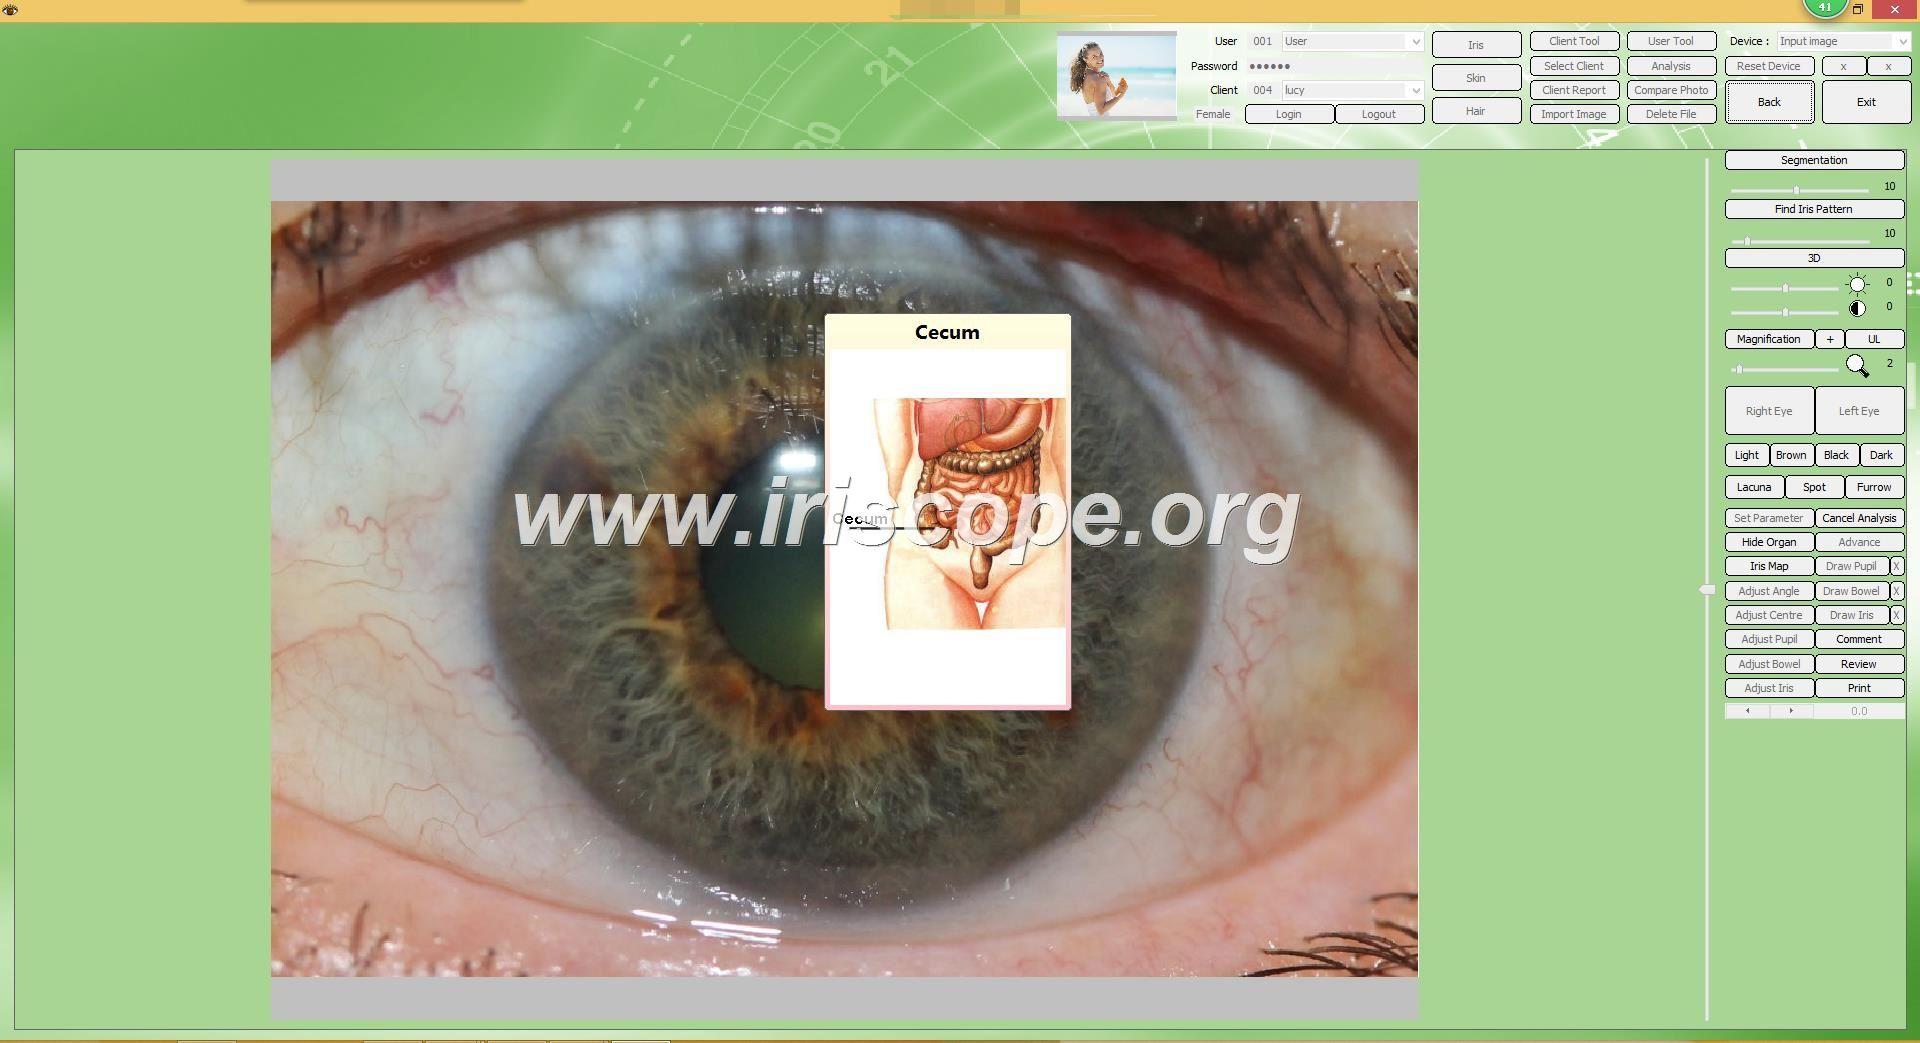 iridology station download